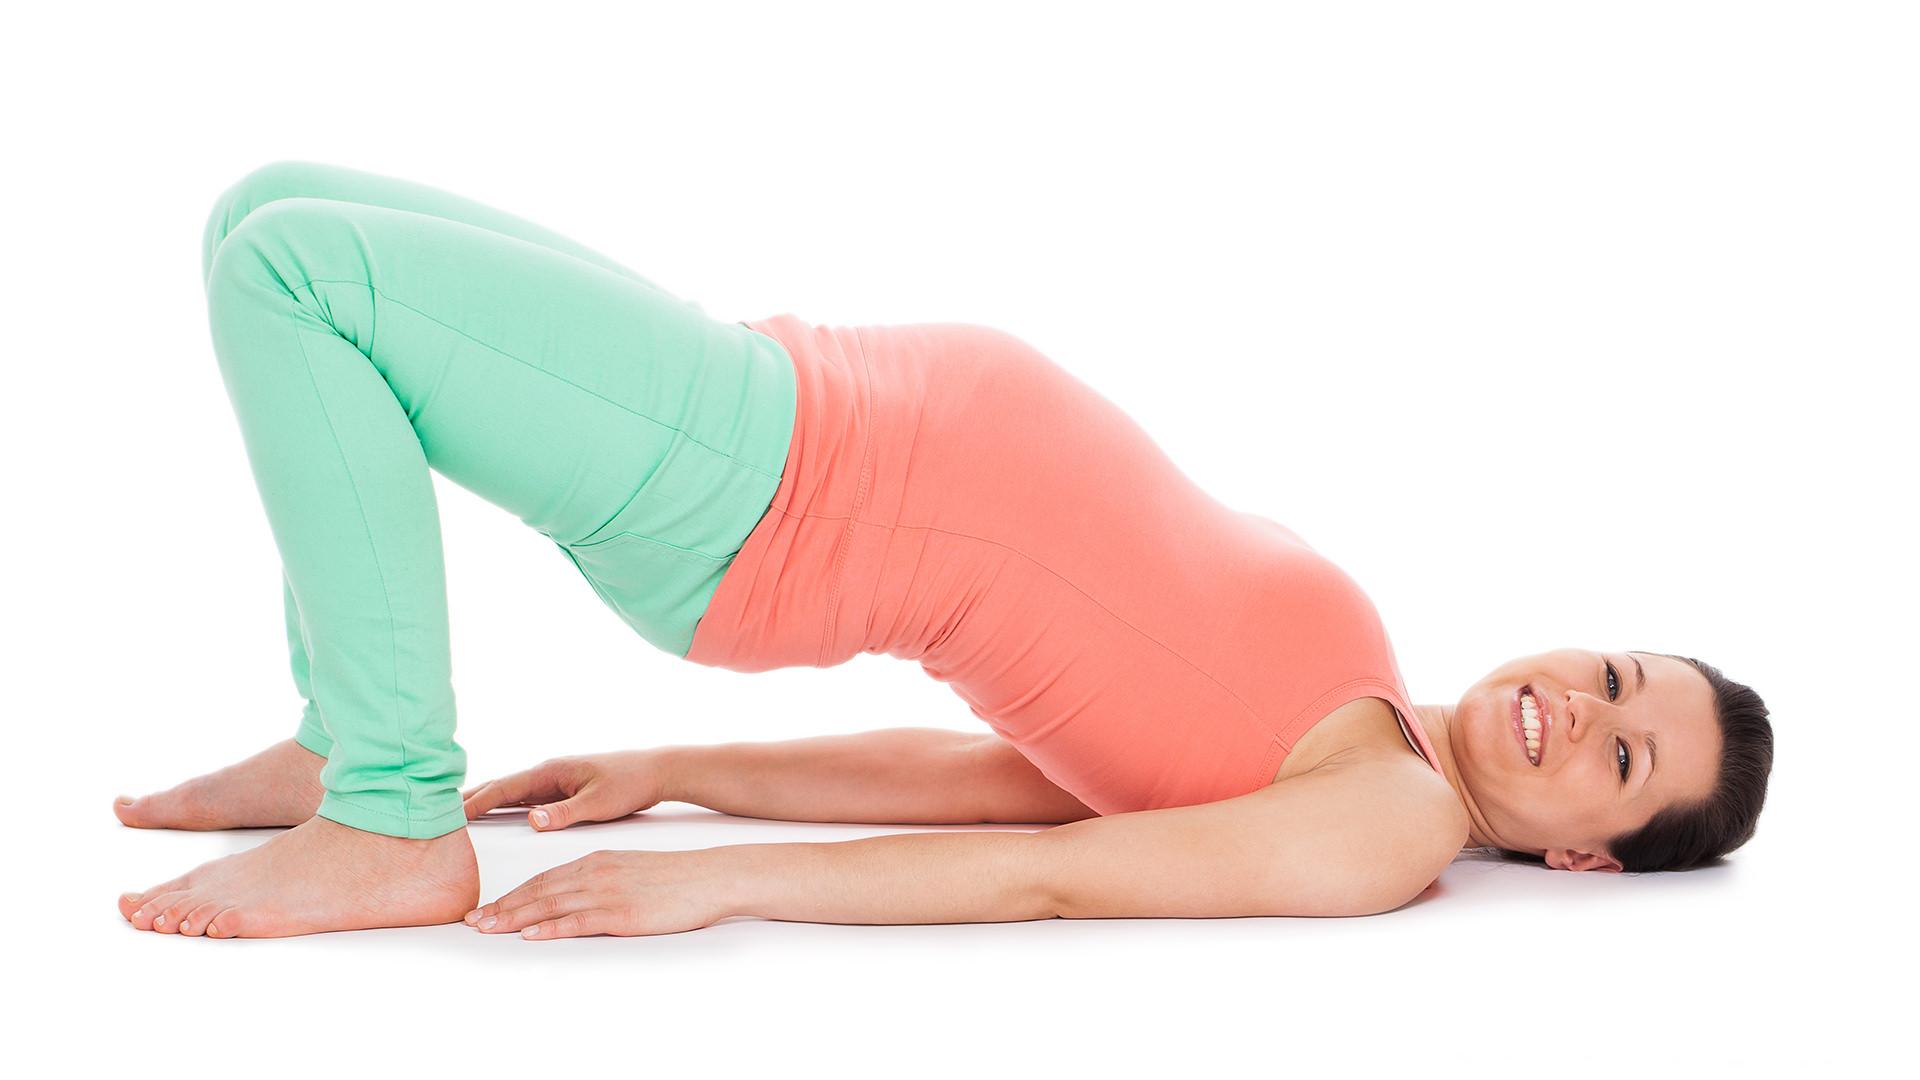 Укрепляем мышцы тазового дна женщины до и после родов